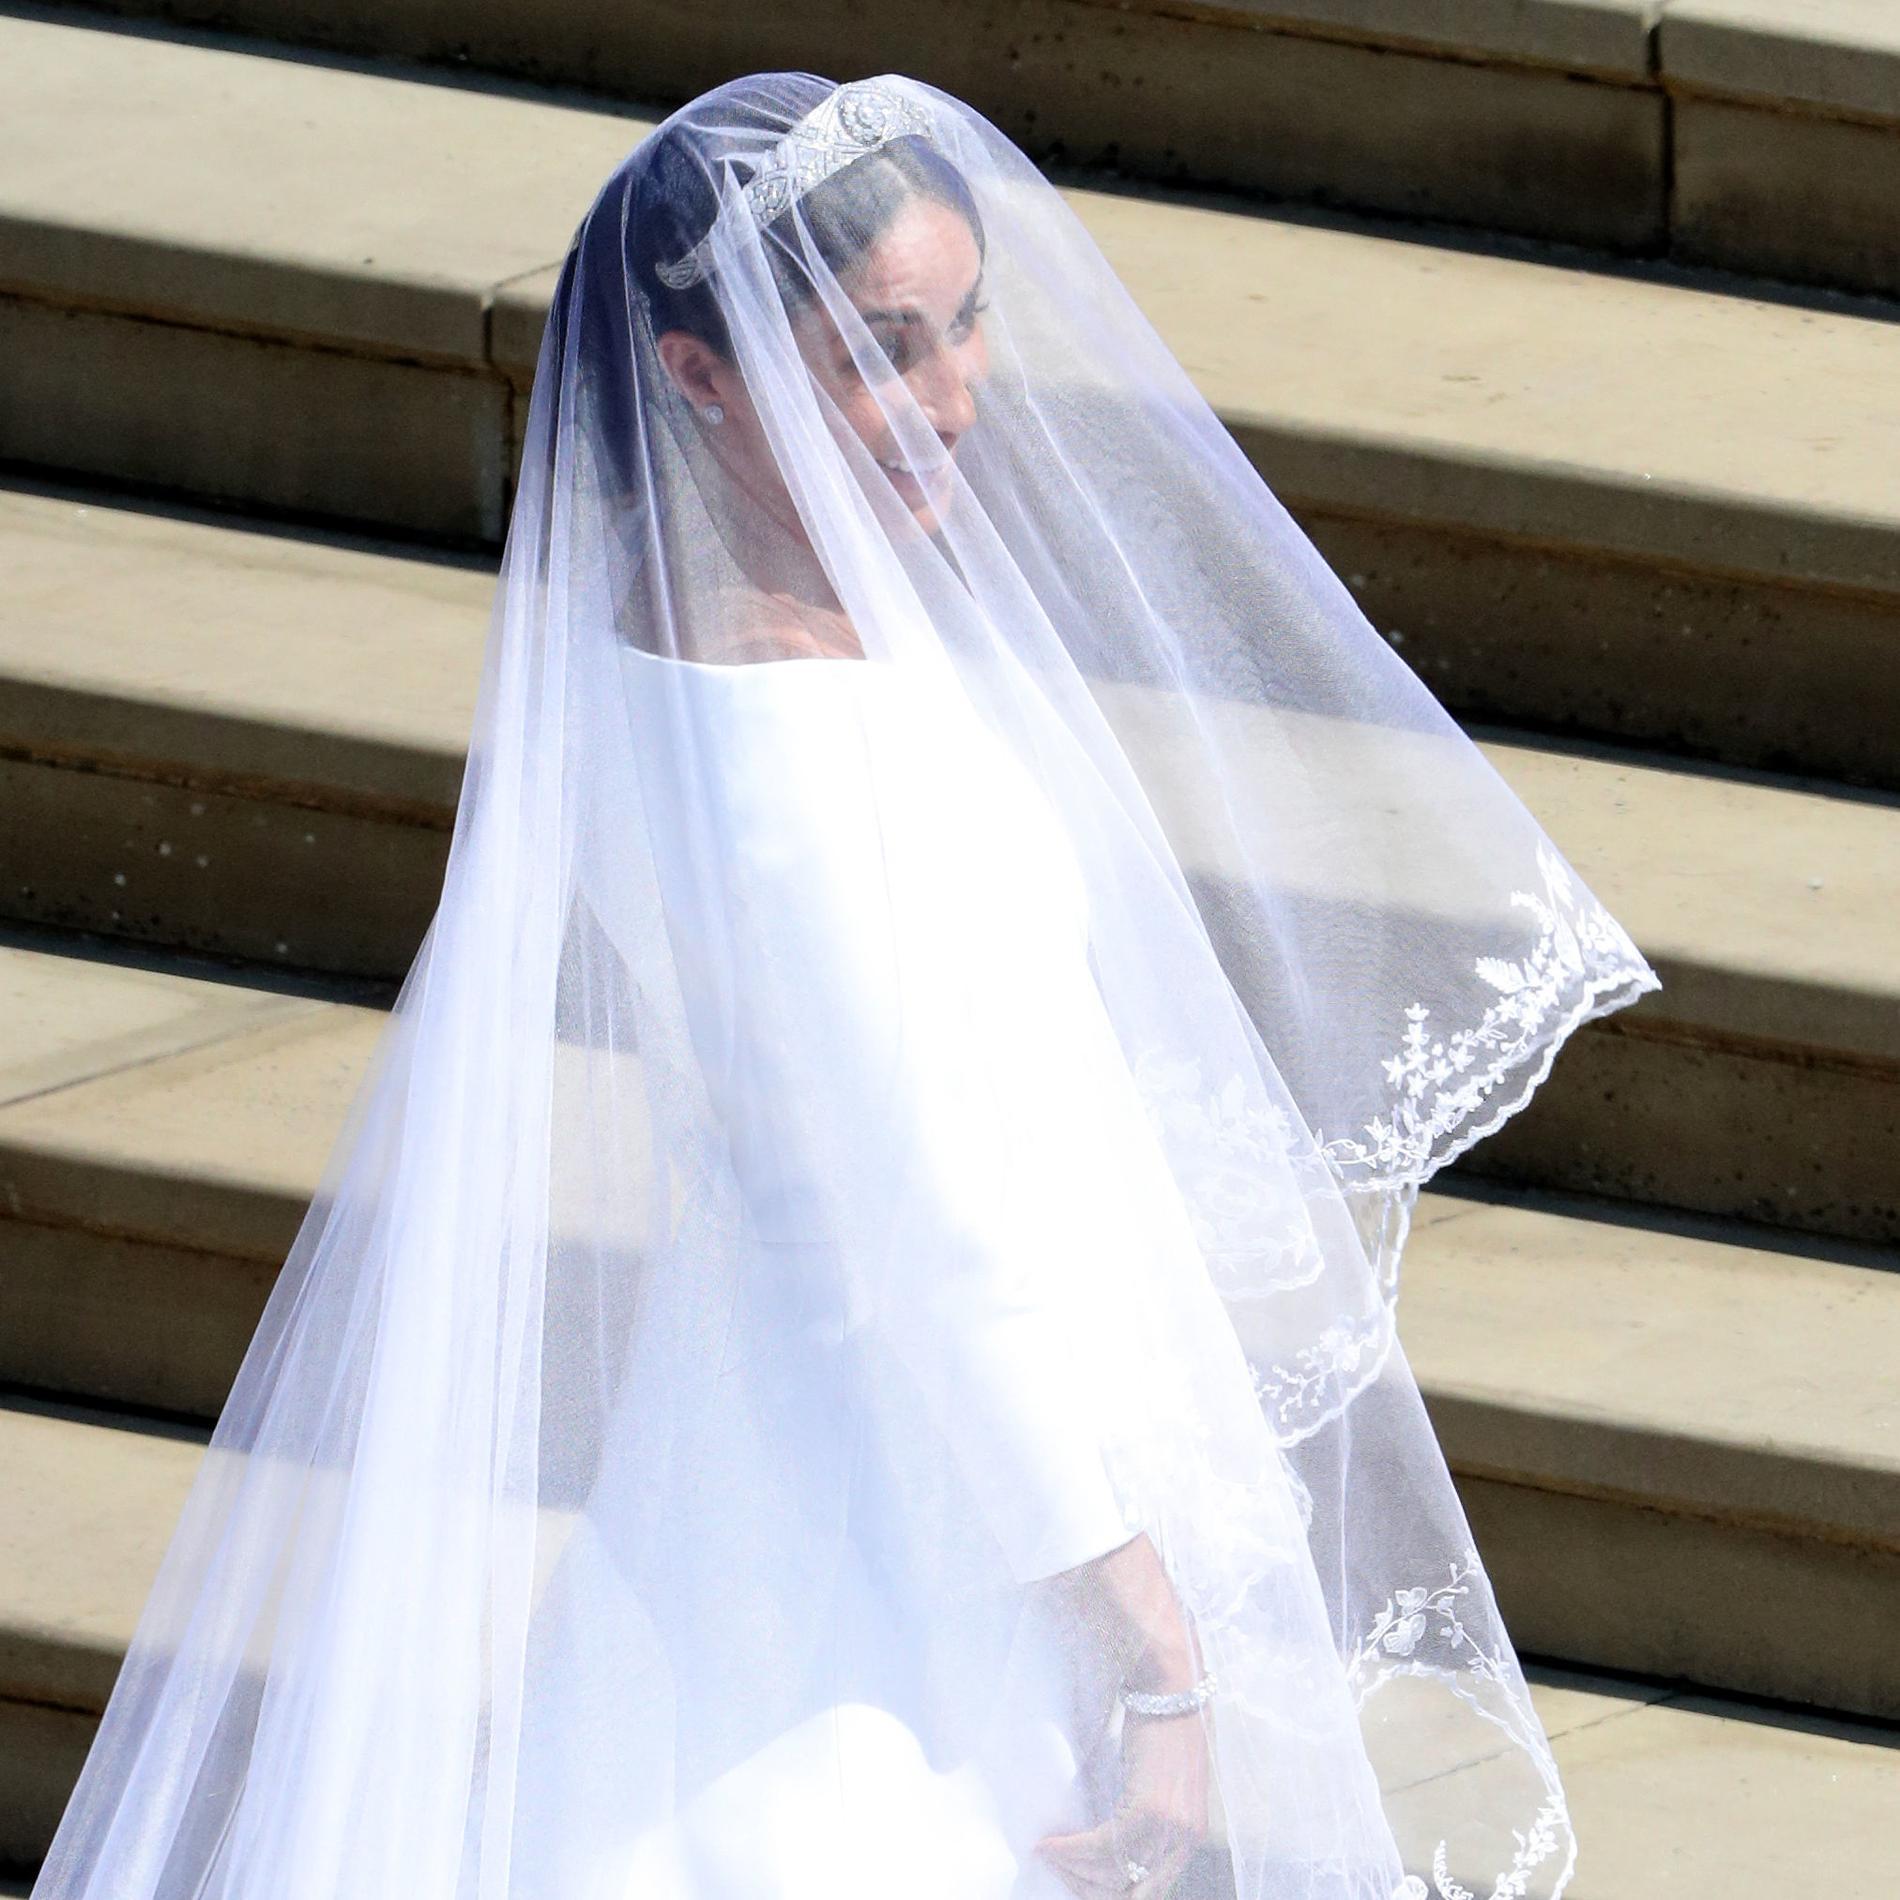 La robe de mariée de Meghan Markle, par Clare Weight Keller pour Givenchy